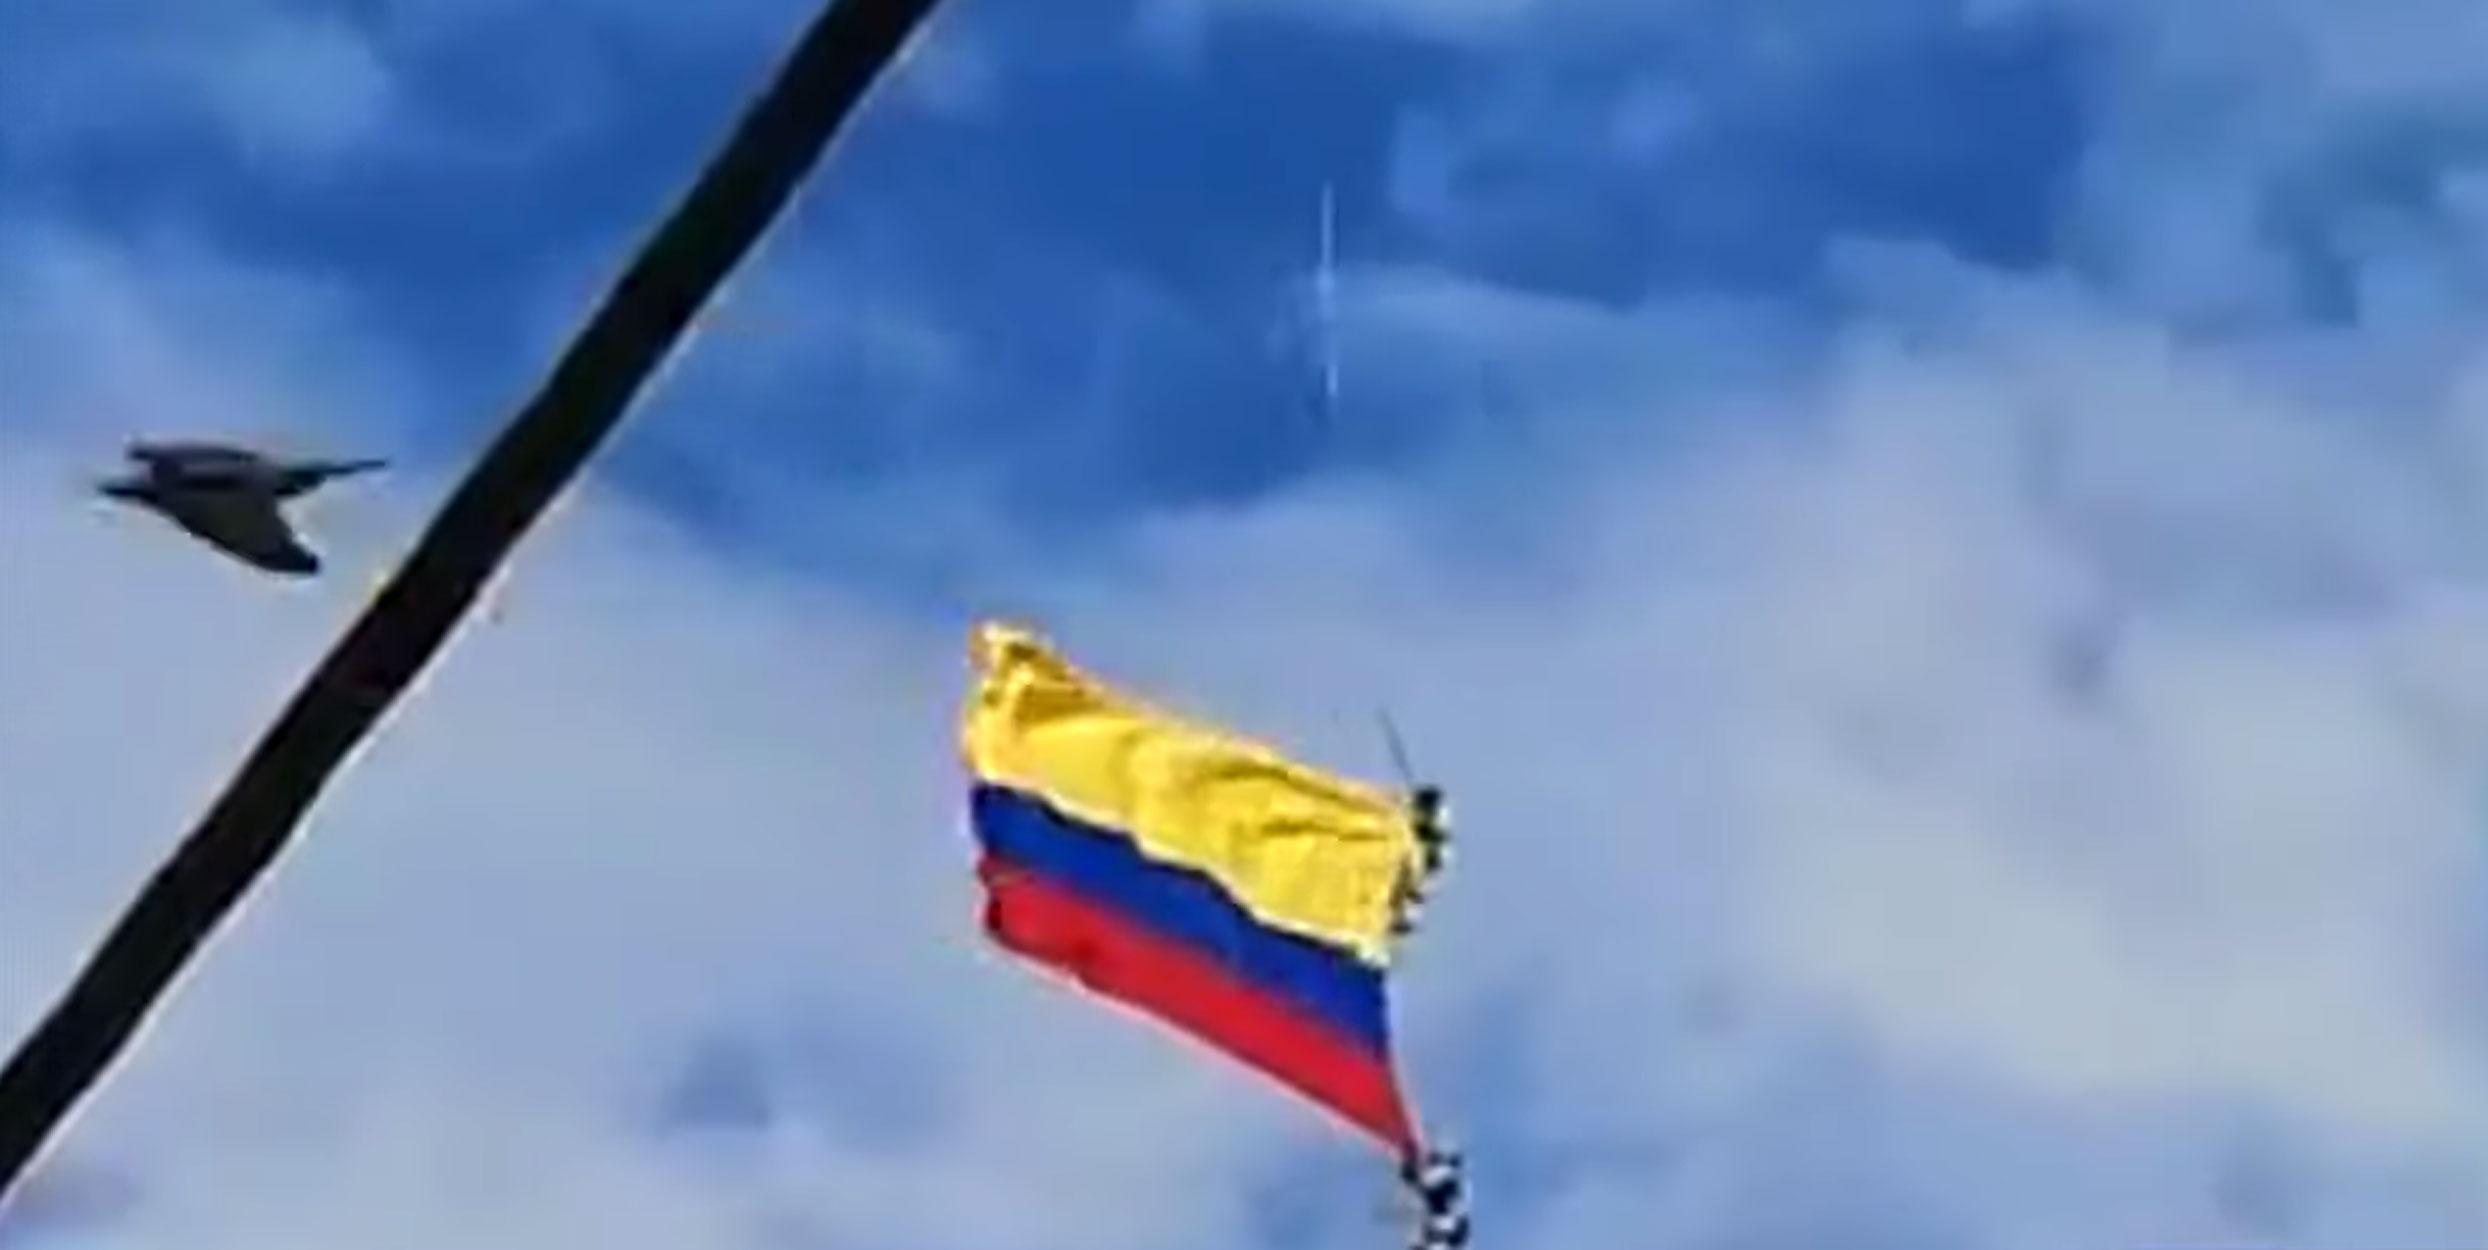 Καρέ καρέ ο θάνατος δυο στρατιωτικών στην Κολομβία: Έπεσαν στο κενό ενώ κρέμονταν από σημαία κατά τη διάρκεια επίδειξης